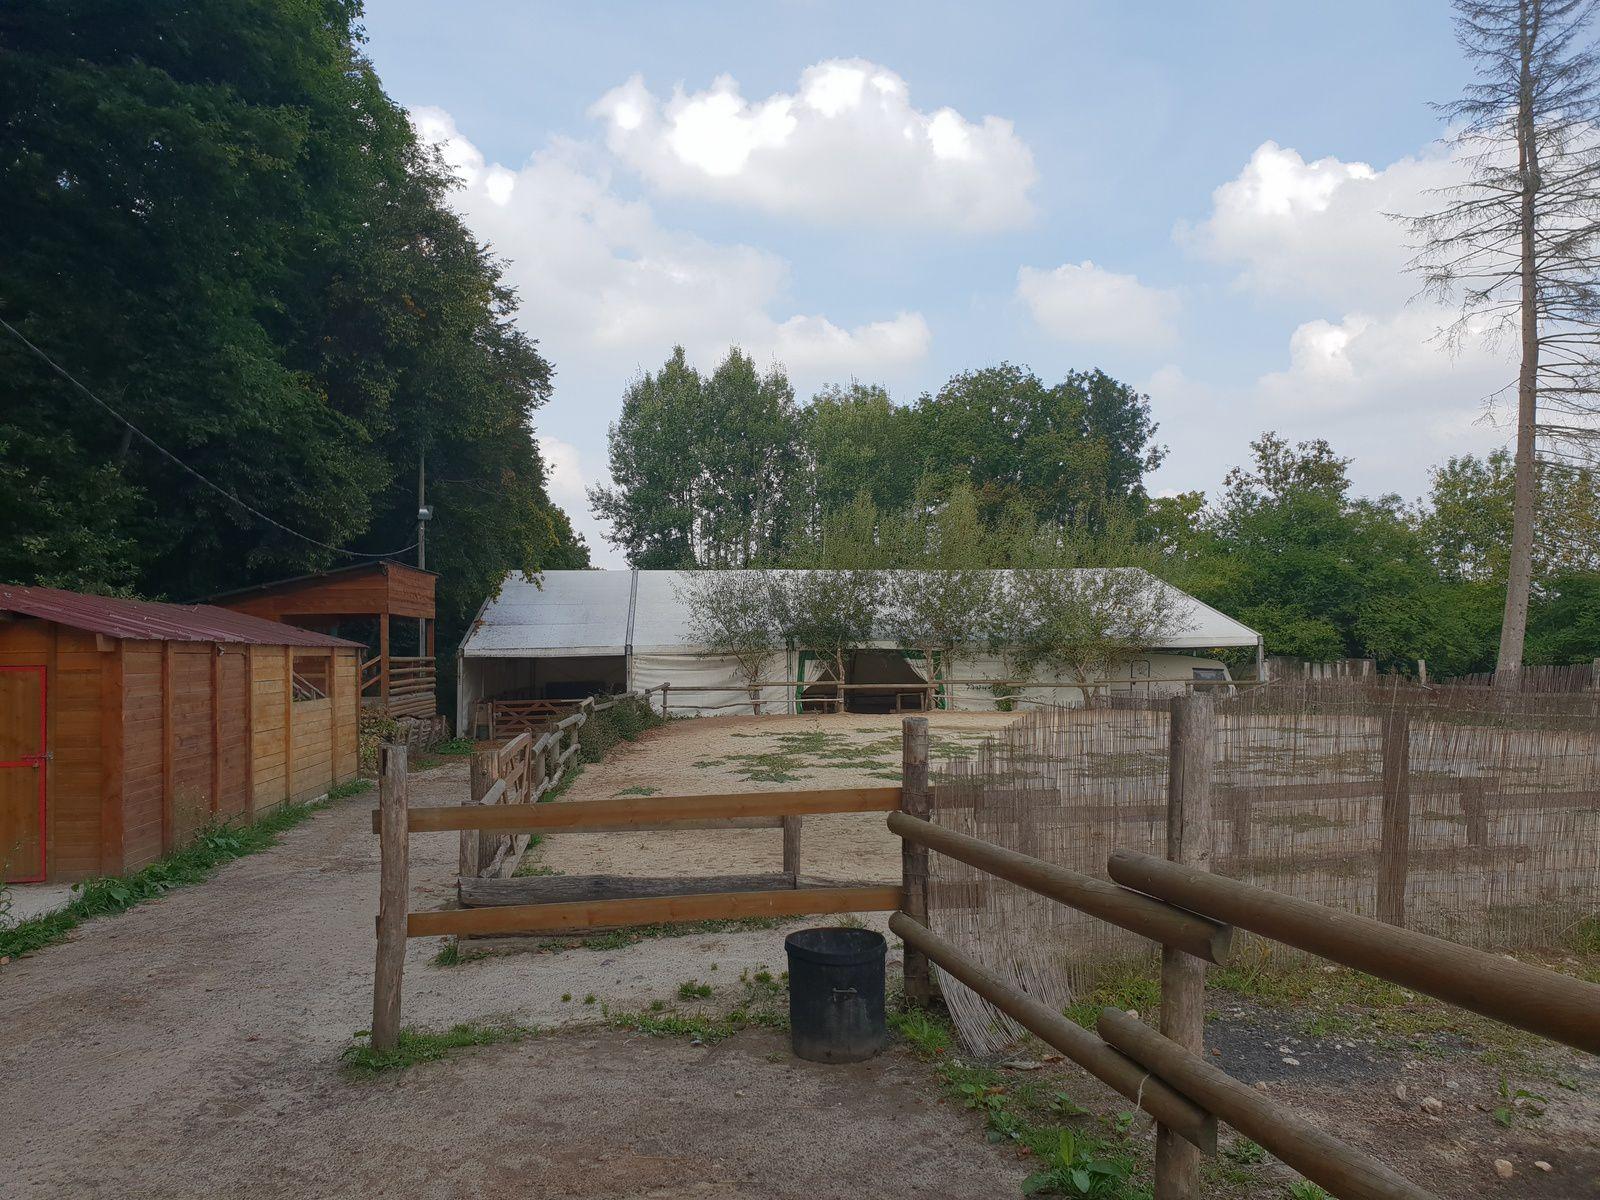 micro poney club a reprendre  une aventure a vivre dans le plus beau village du monde ?